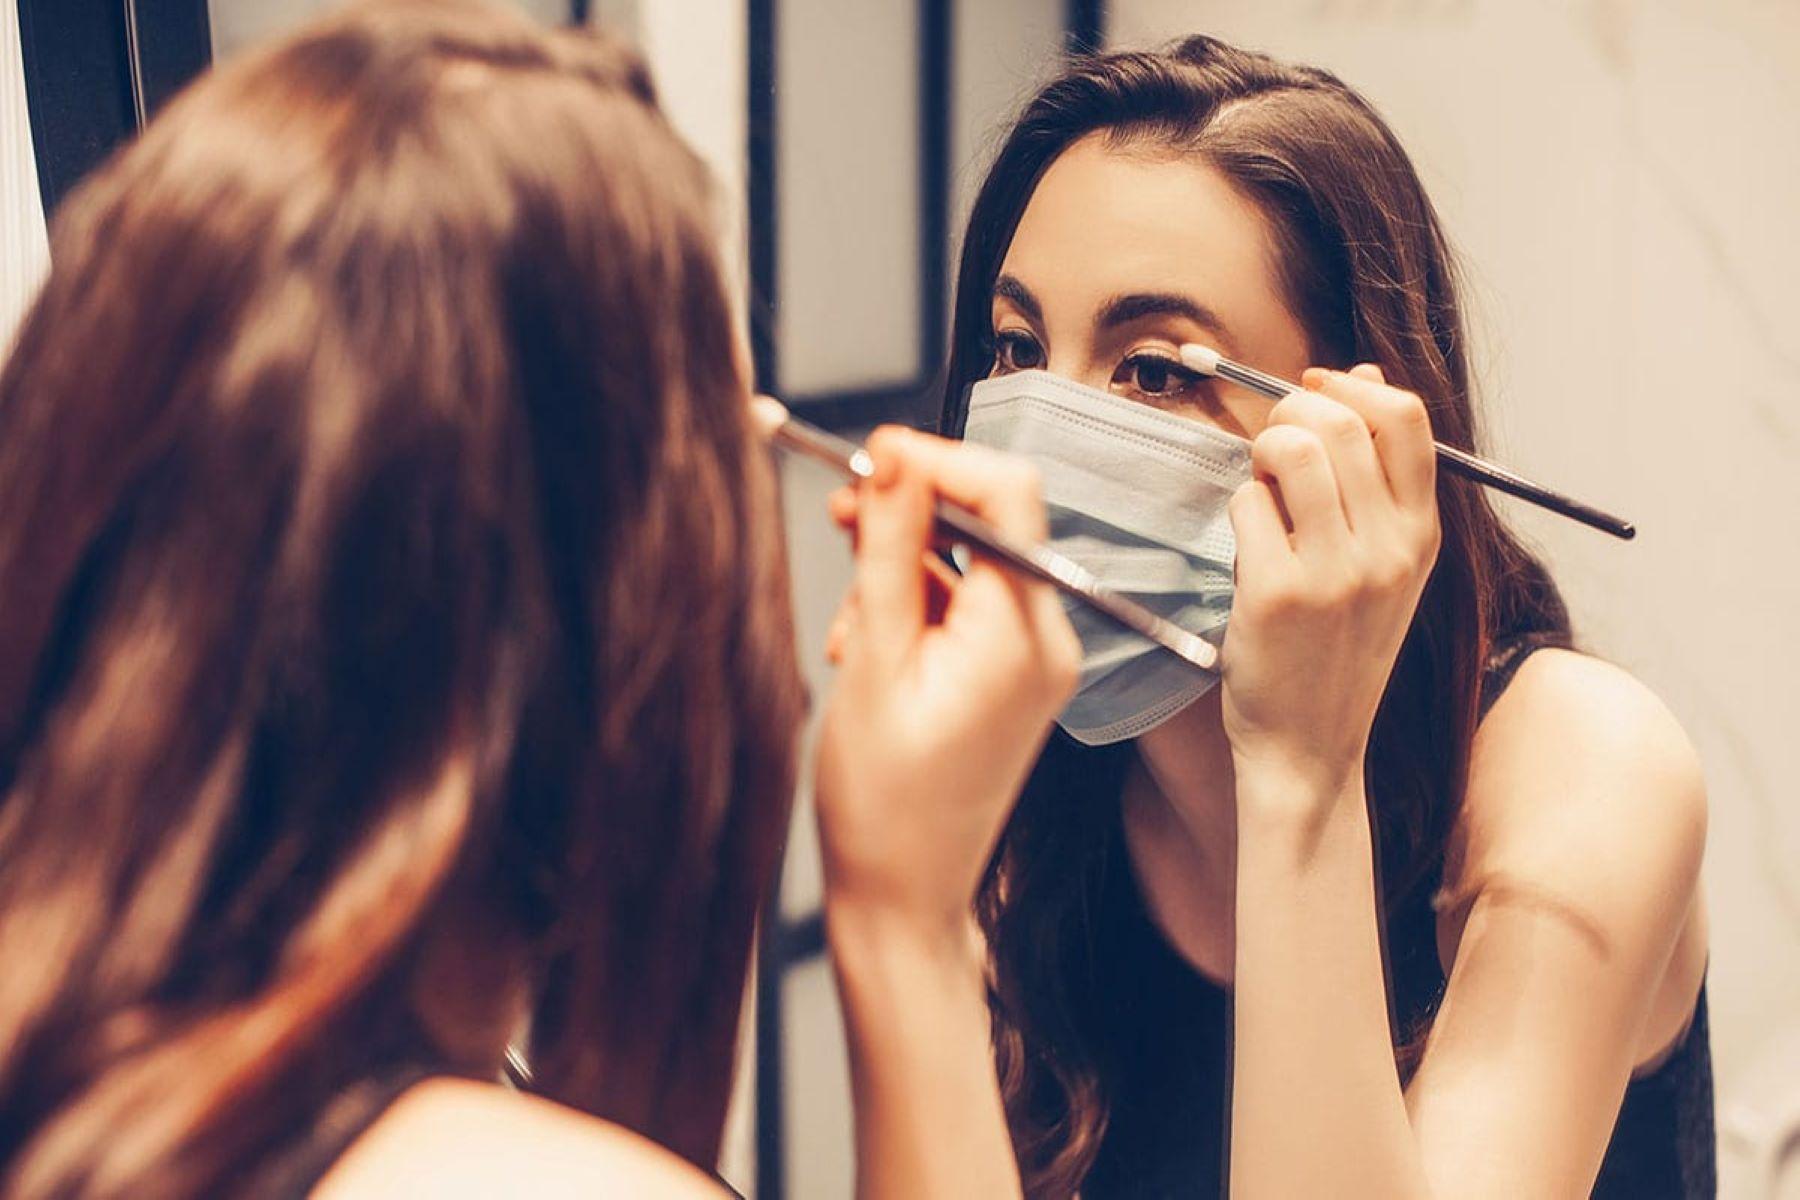 Μάσκα και μακιγιάζ: Συμβουλές που θα σε βοηθήσουν